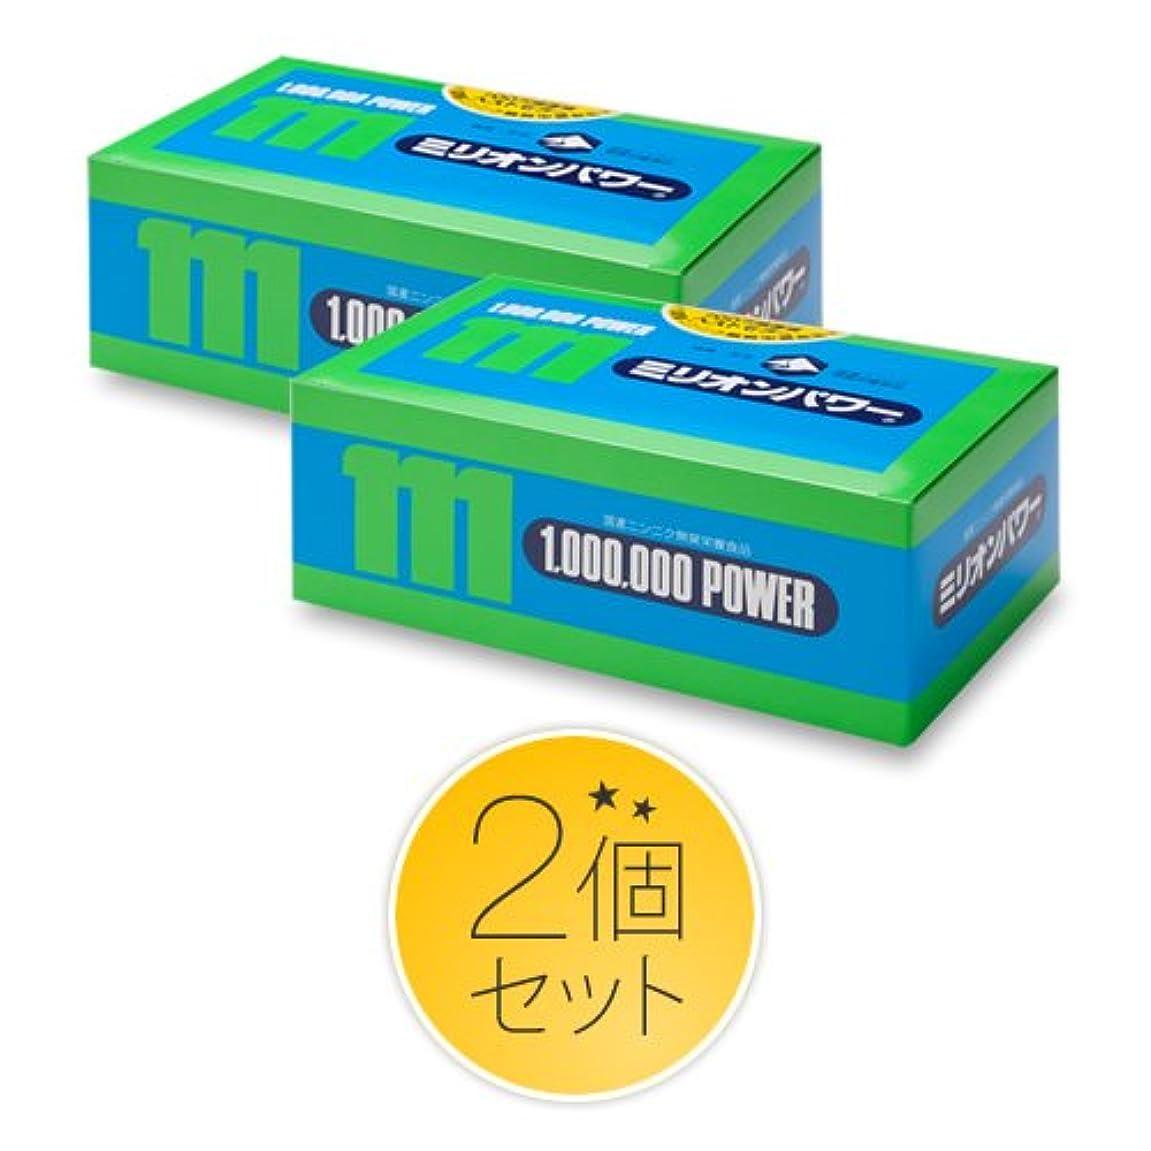 警告する町規模ミリオンパワー2箱セット【期間限定】EPA高配合 さらさら青魚プレゼント